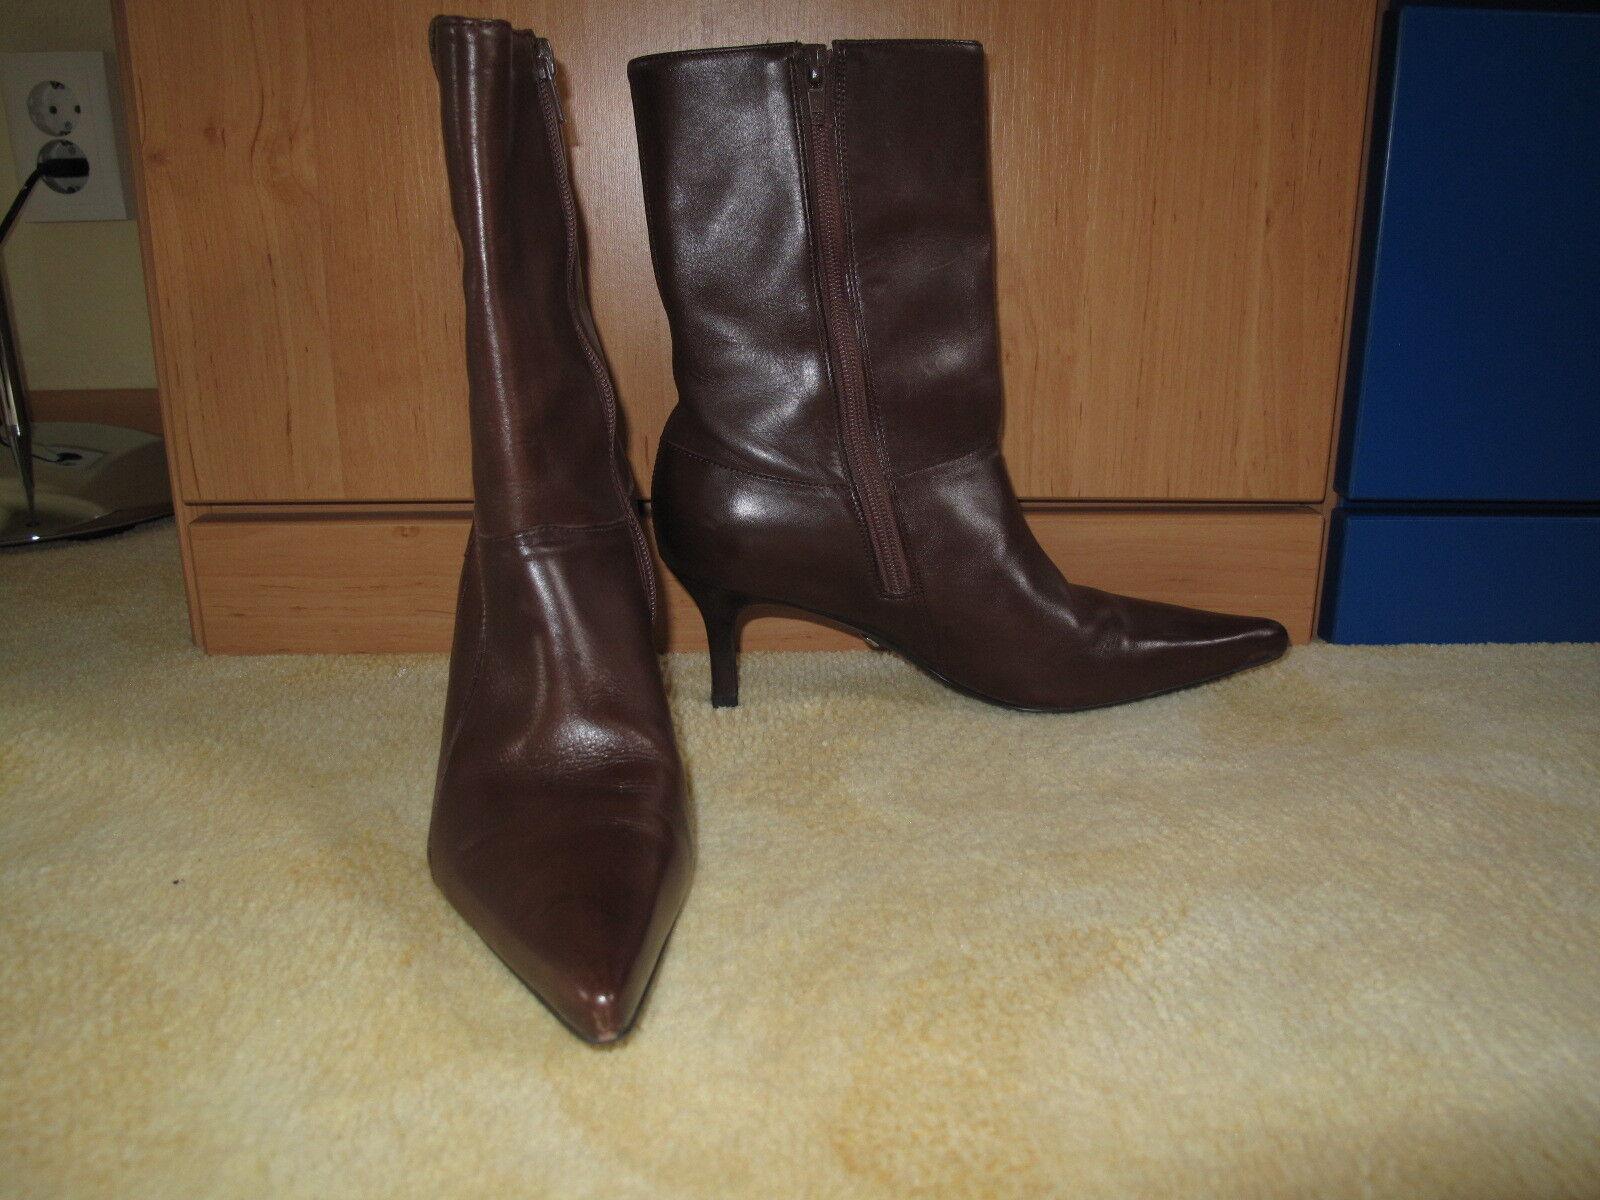 Buffalo Schuhe - Stiefel - Stiefelette - Gr37 - Braun ODER Schwarz